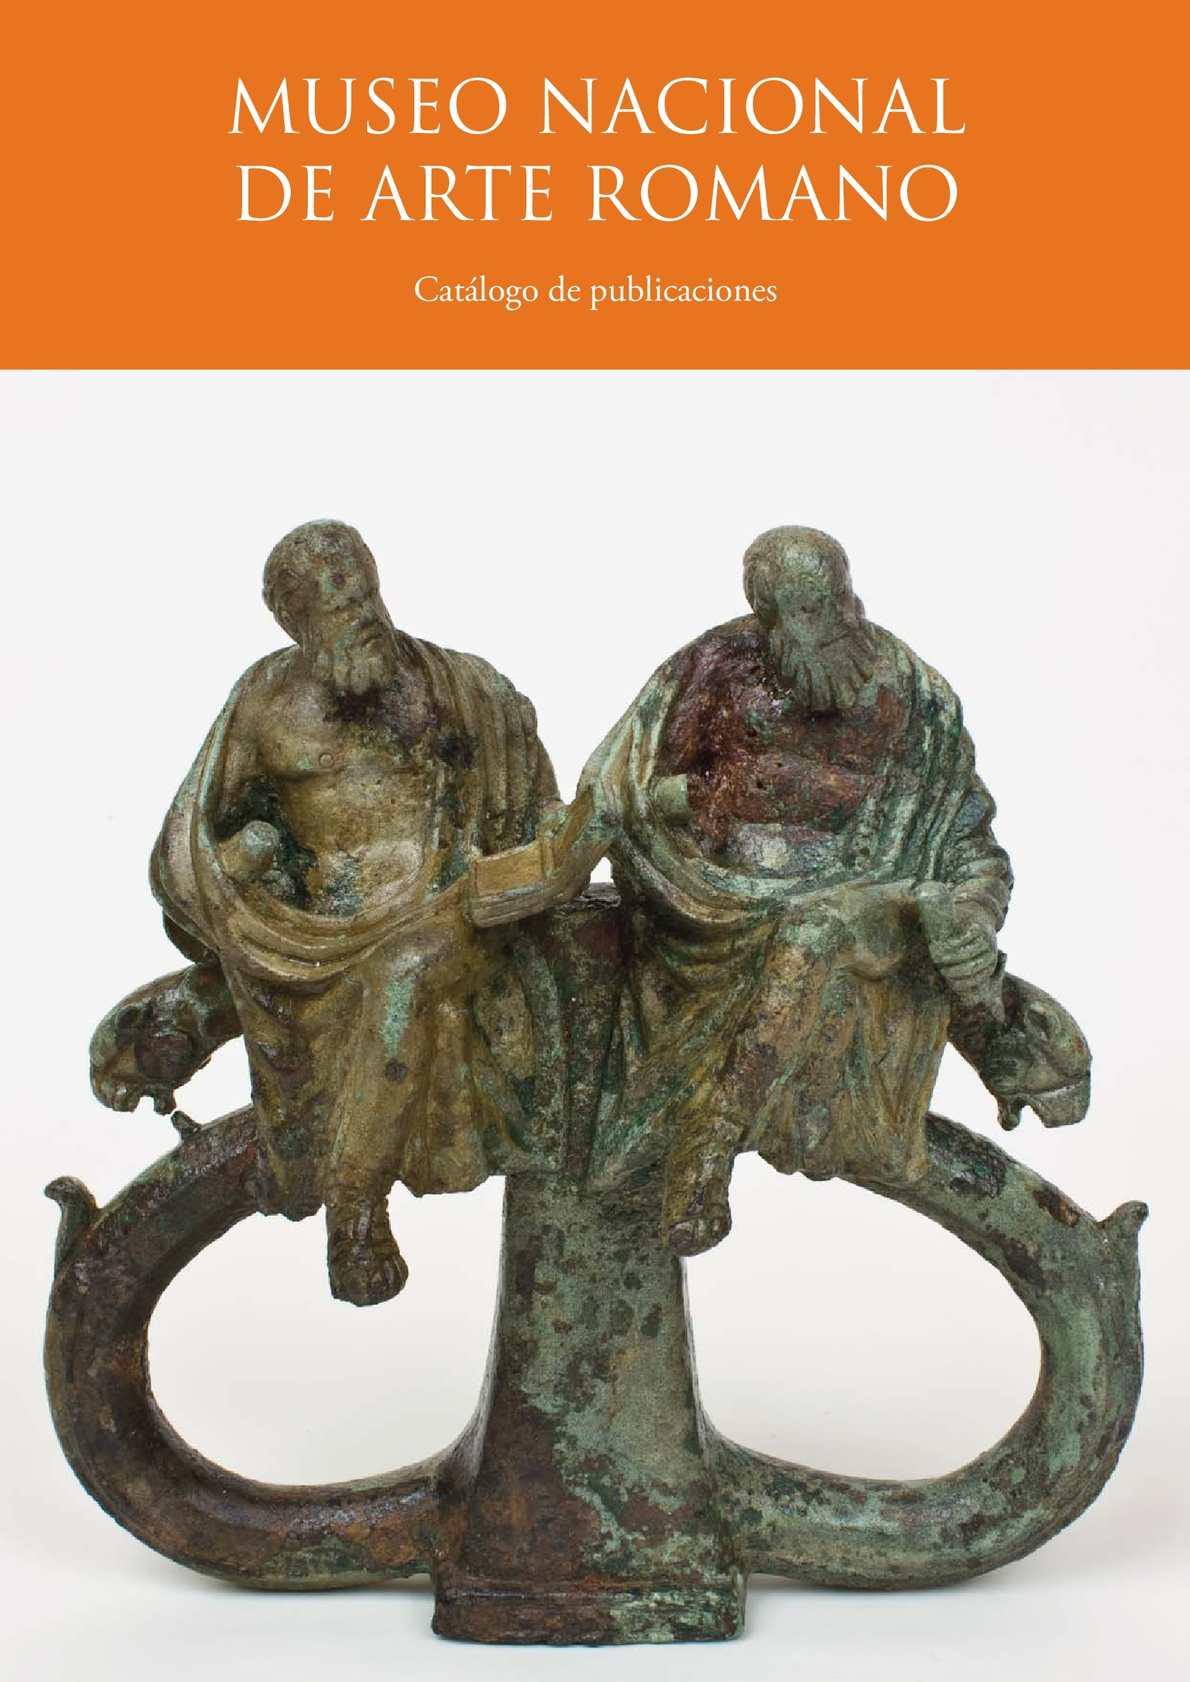 Calaméo - Museo Nacional de Arte Romano. Catálgo de publicaciones